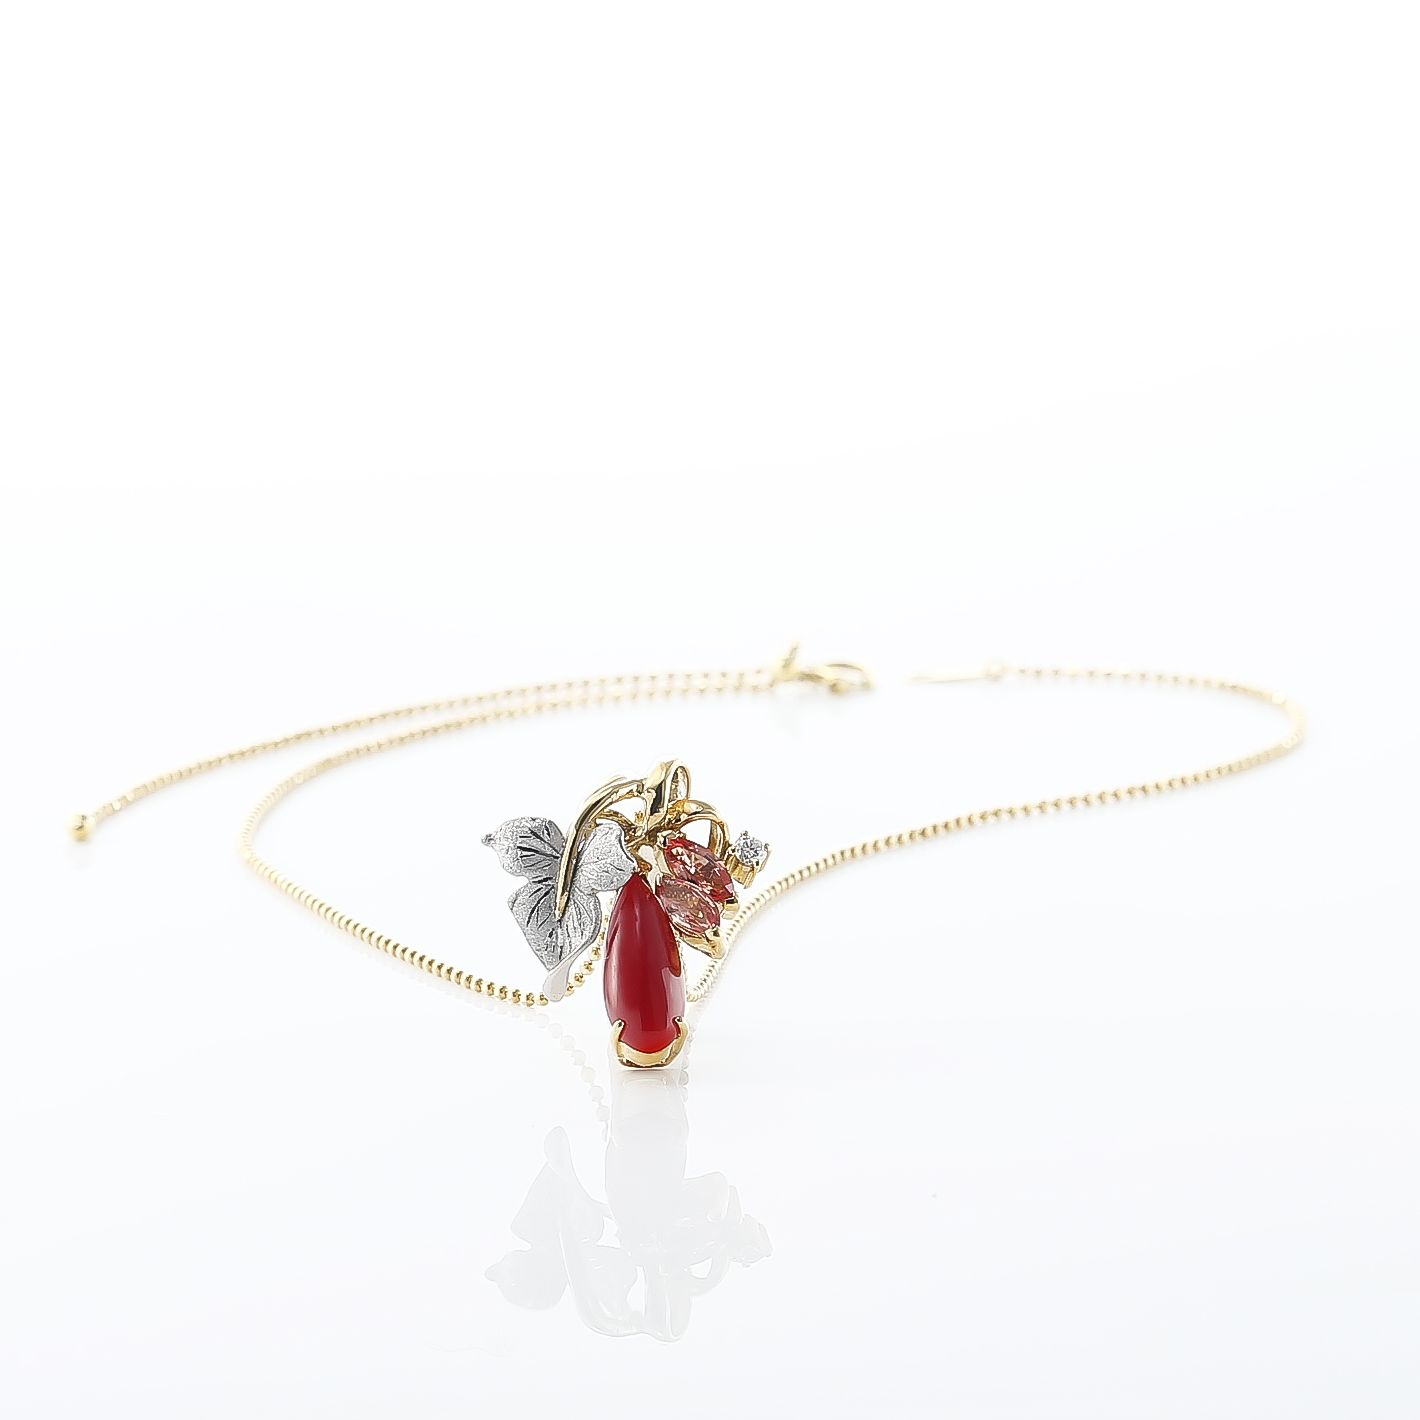 血赤珊瑚のネックレス 02